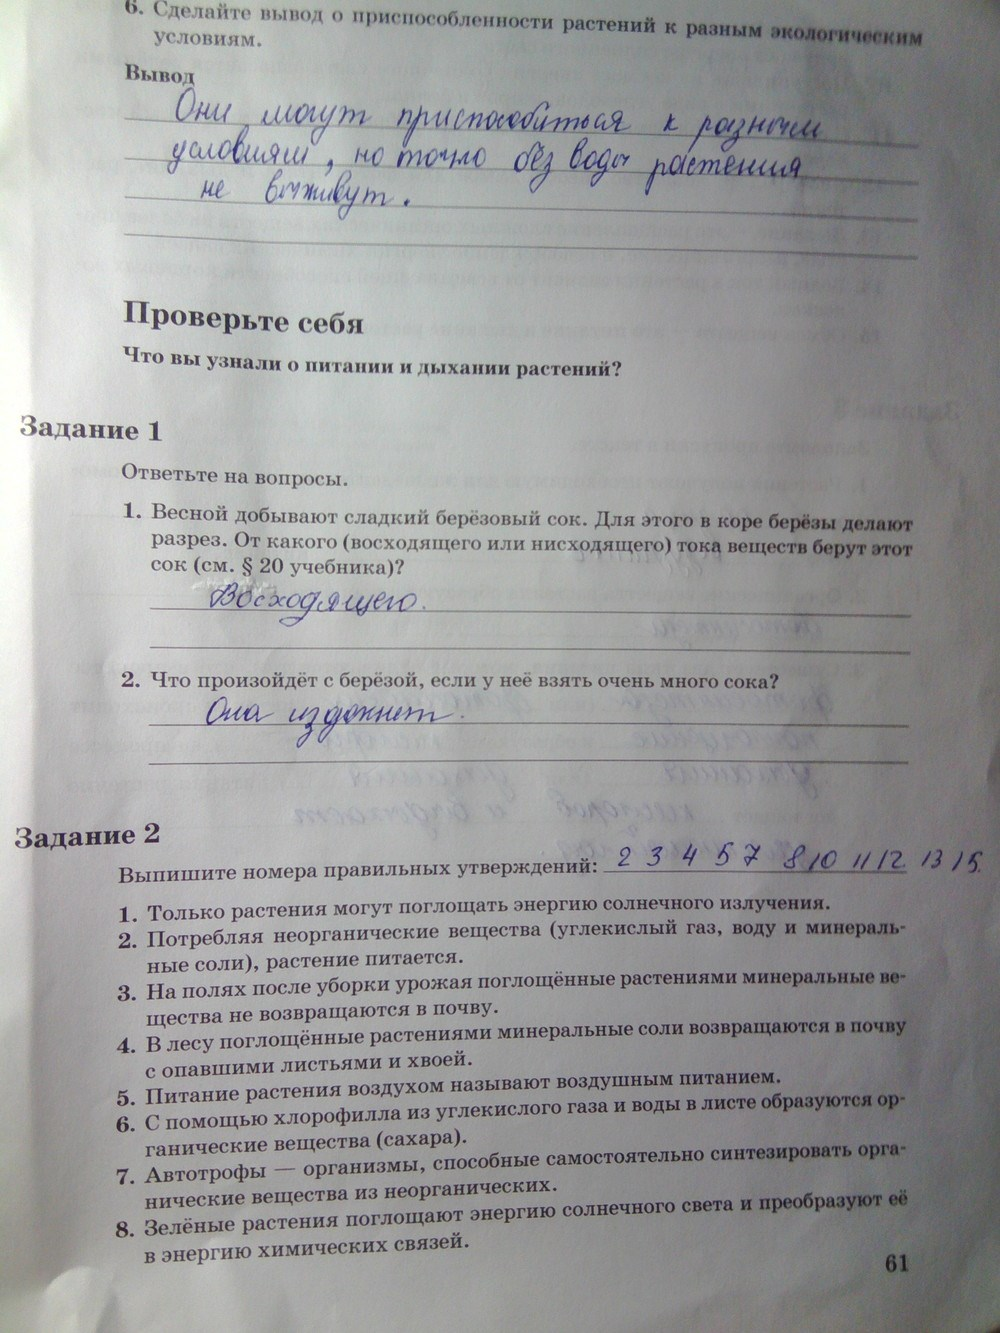 6 пономарева гдз класс рабочая ответы биология